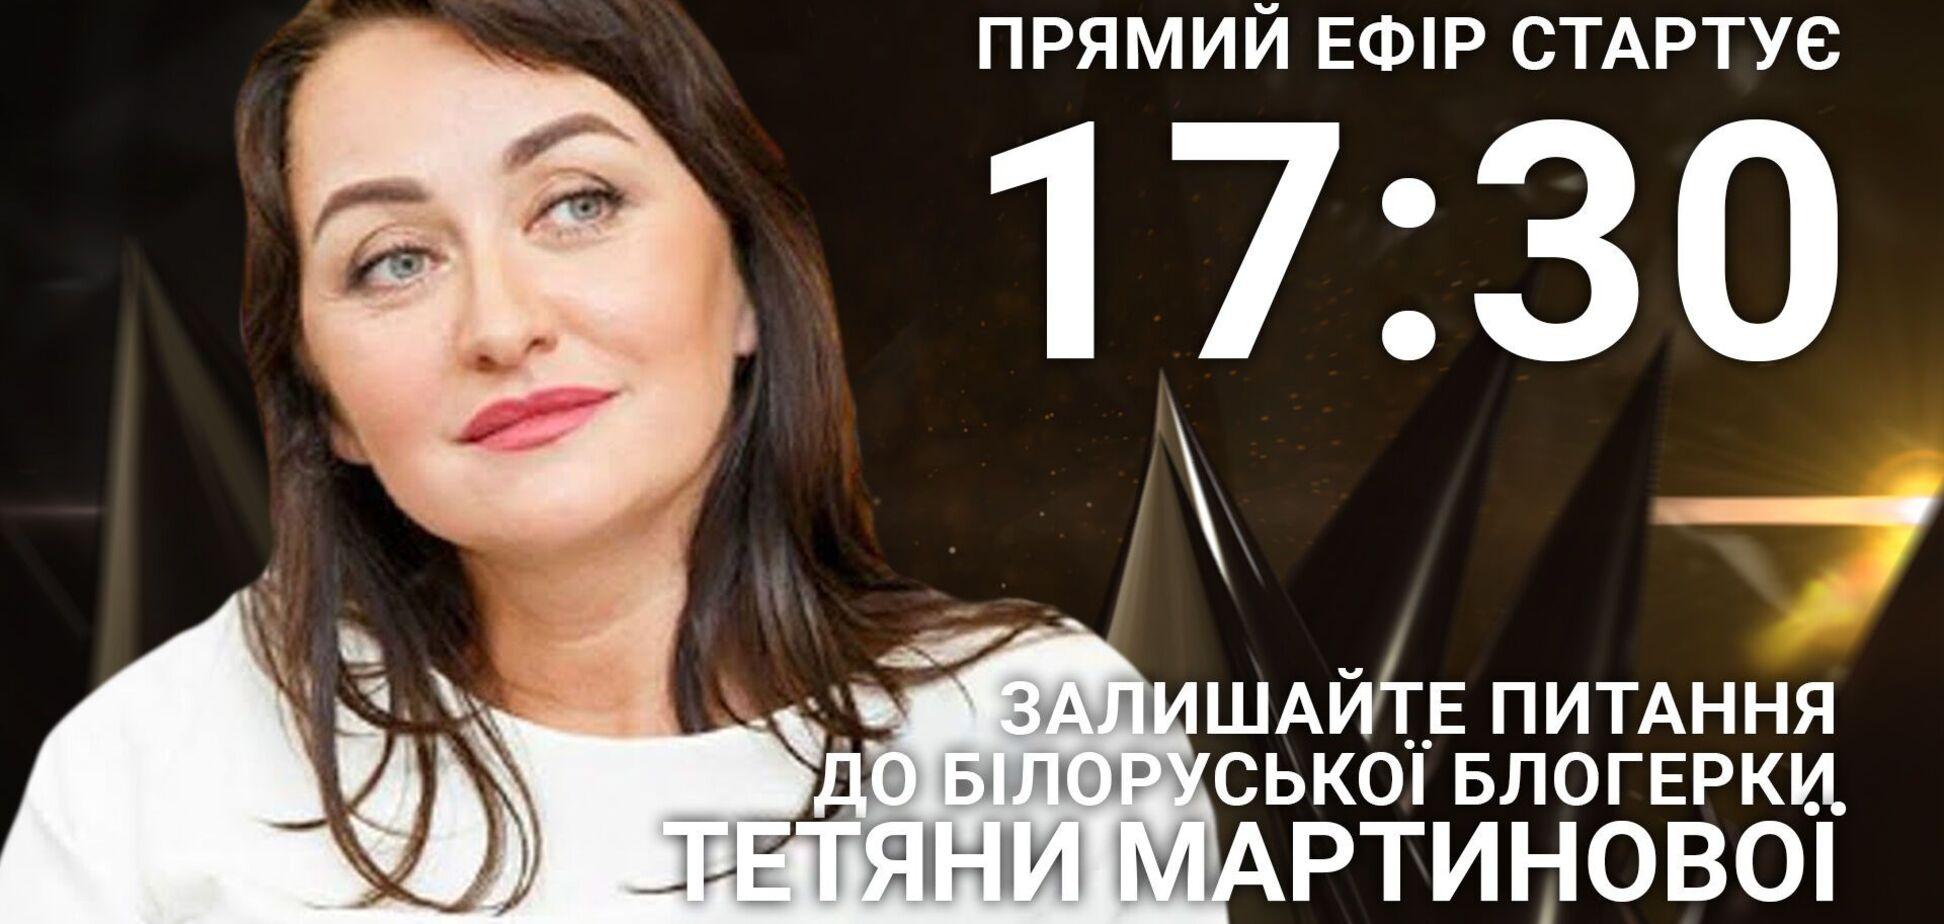 Татьяна Мартынова на OBOZREVATEL: задайте белорусскому блогеру острый вопрос